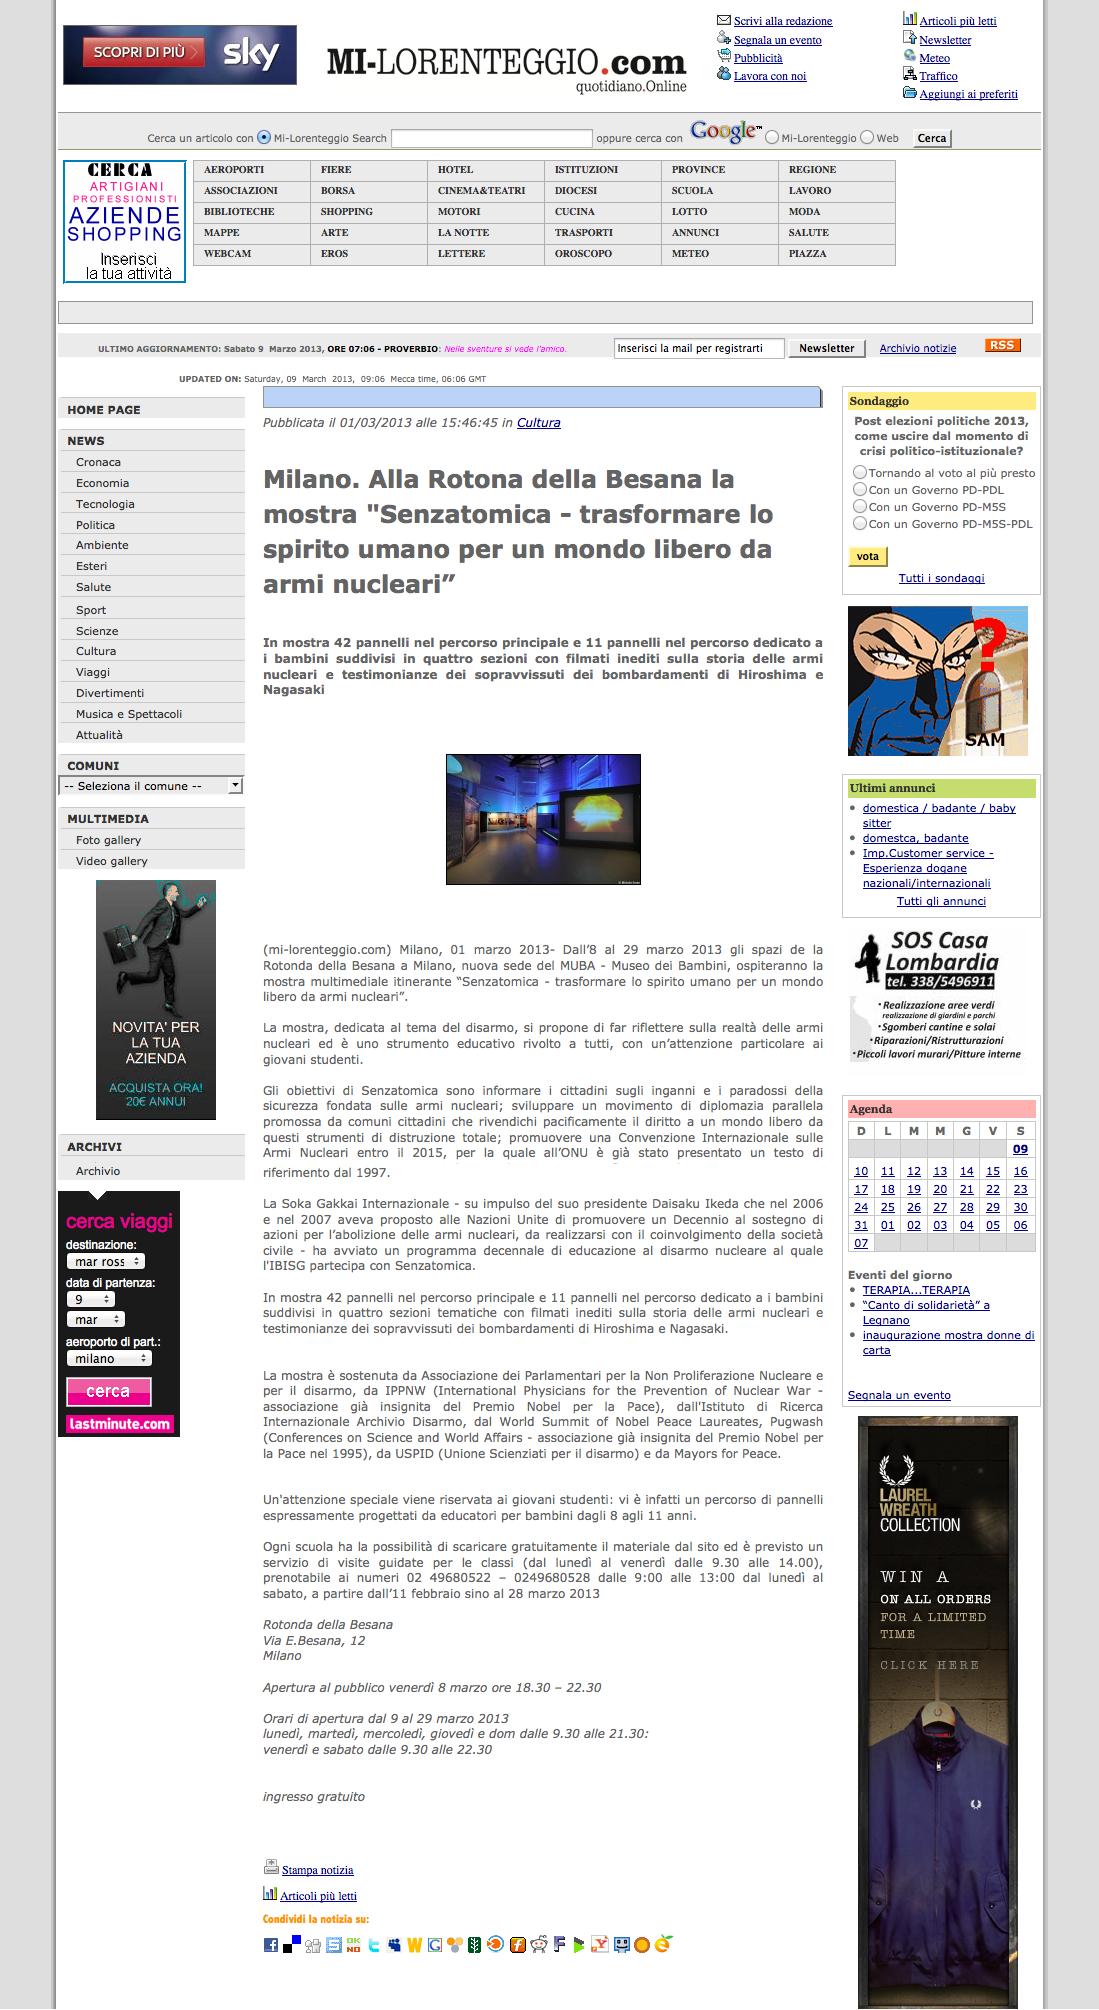 2013-03-02 MI-Lorenteggio.com